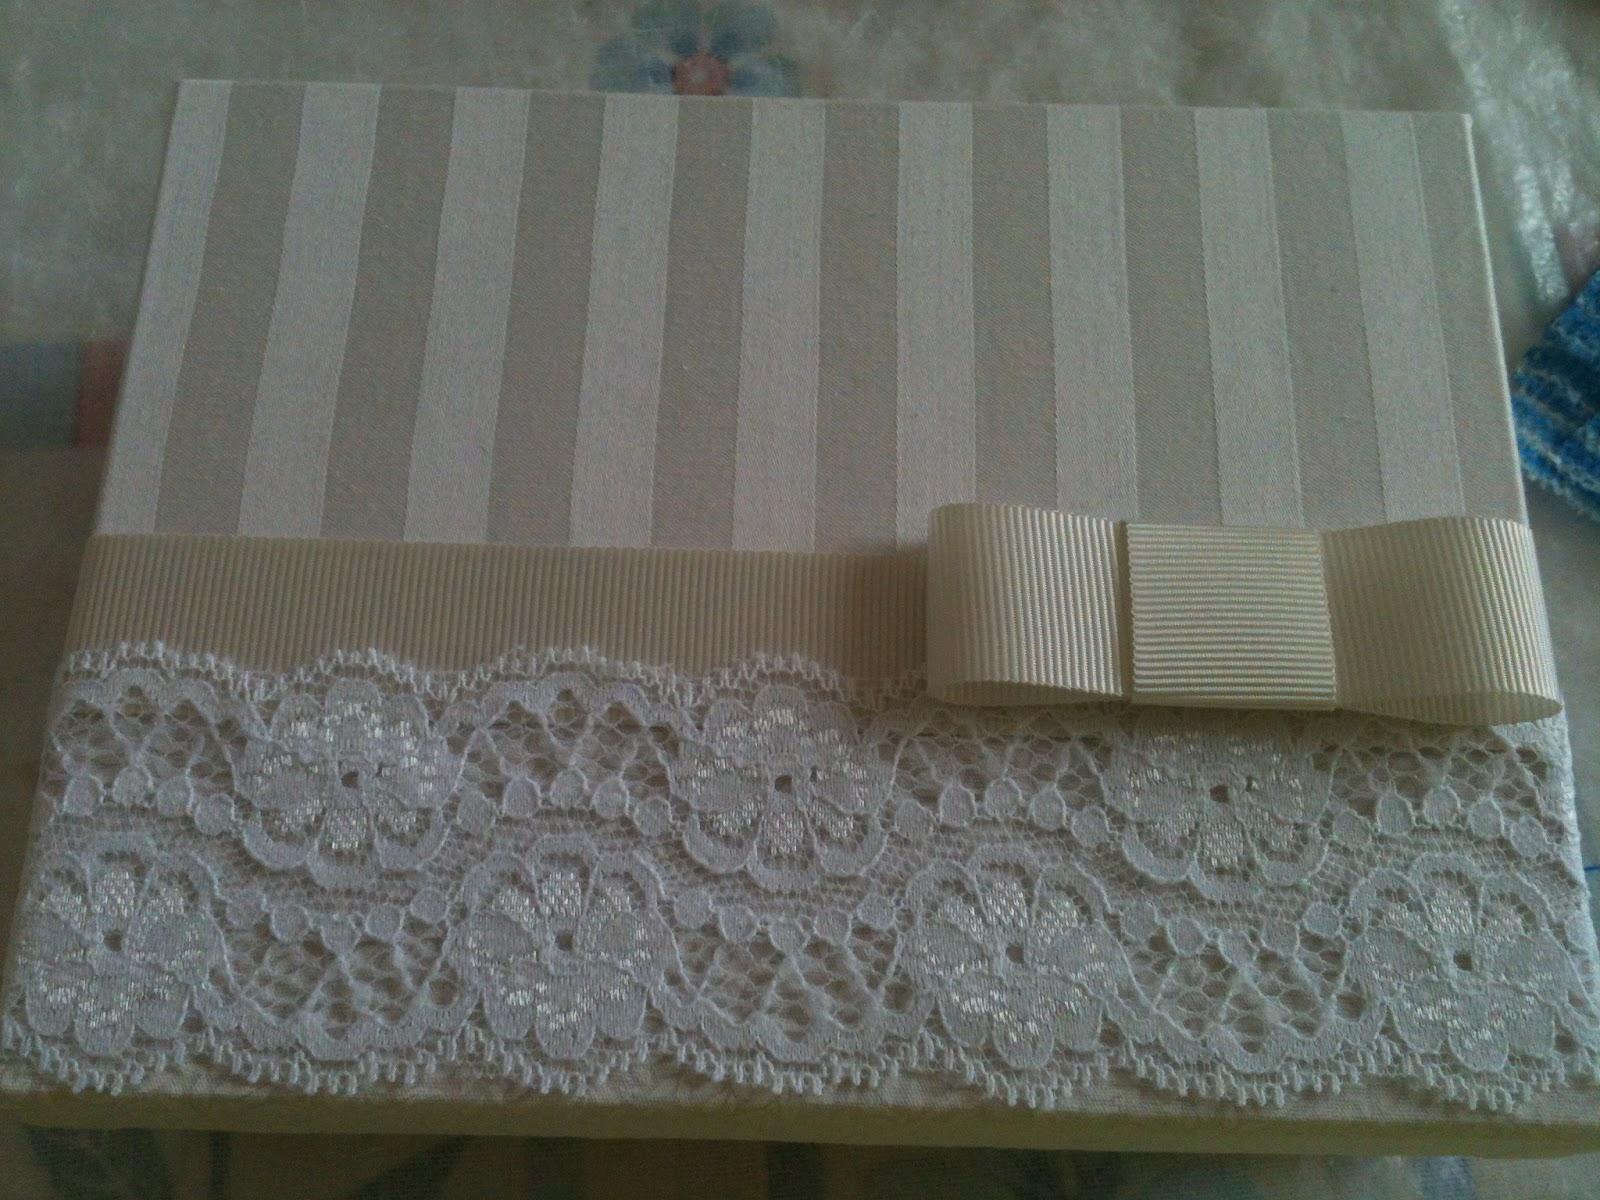 Atelier Furlanetto caixas arte design: Março 2013 #24495D 1600x1200